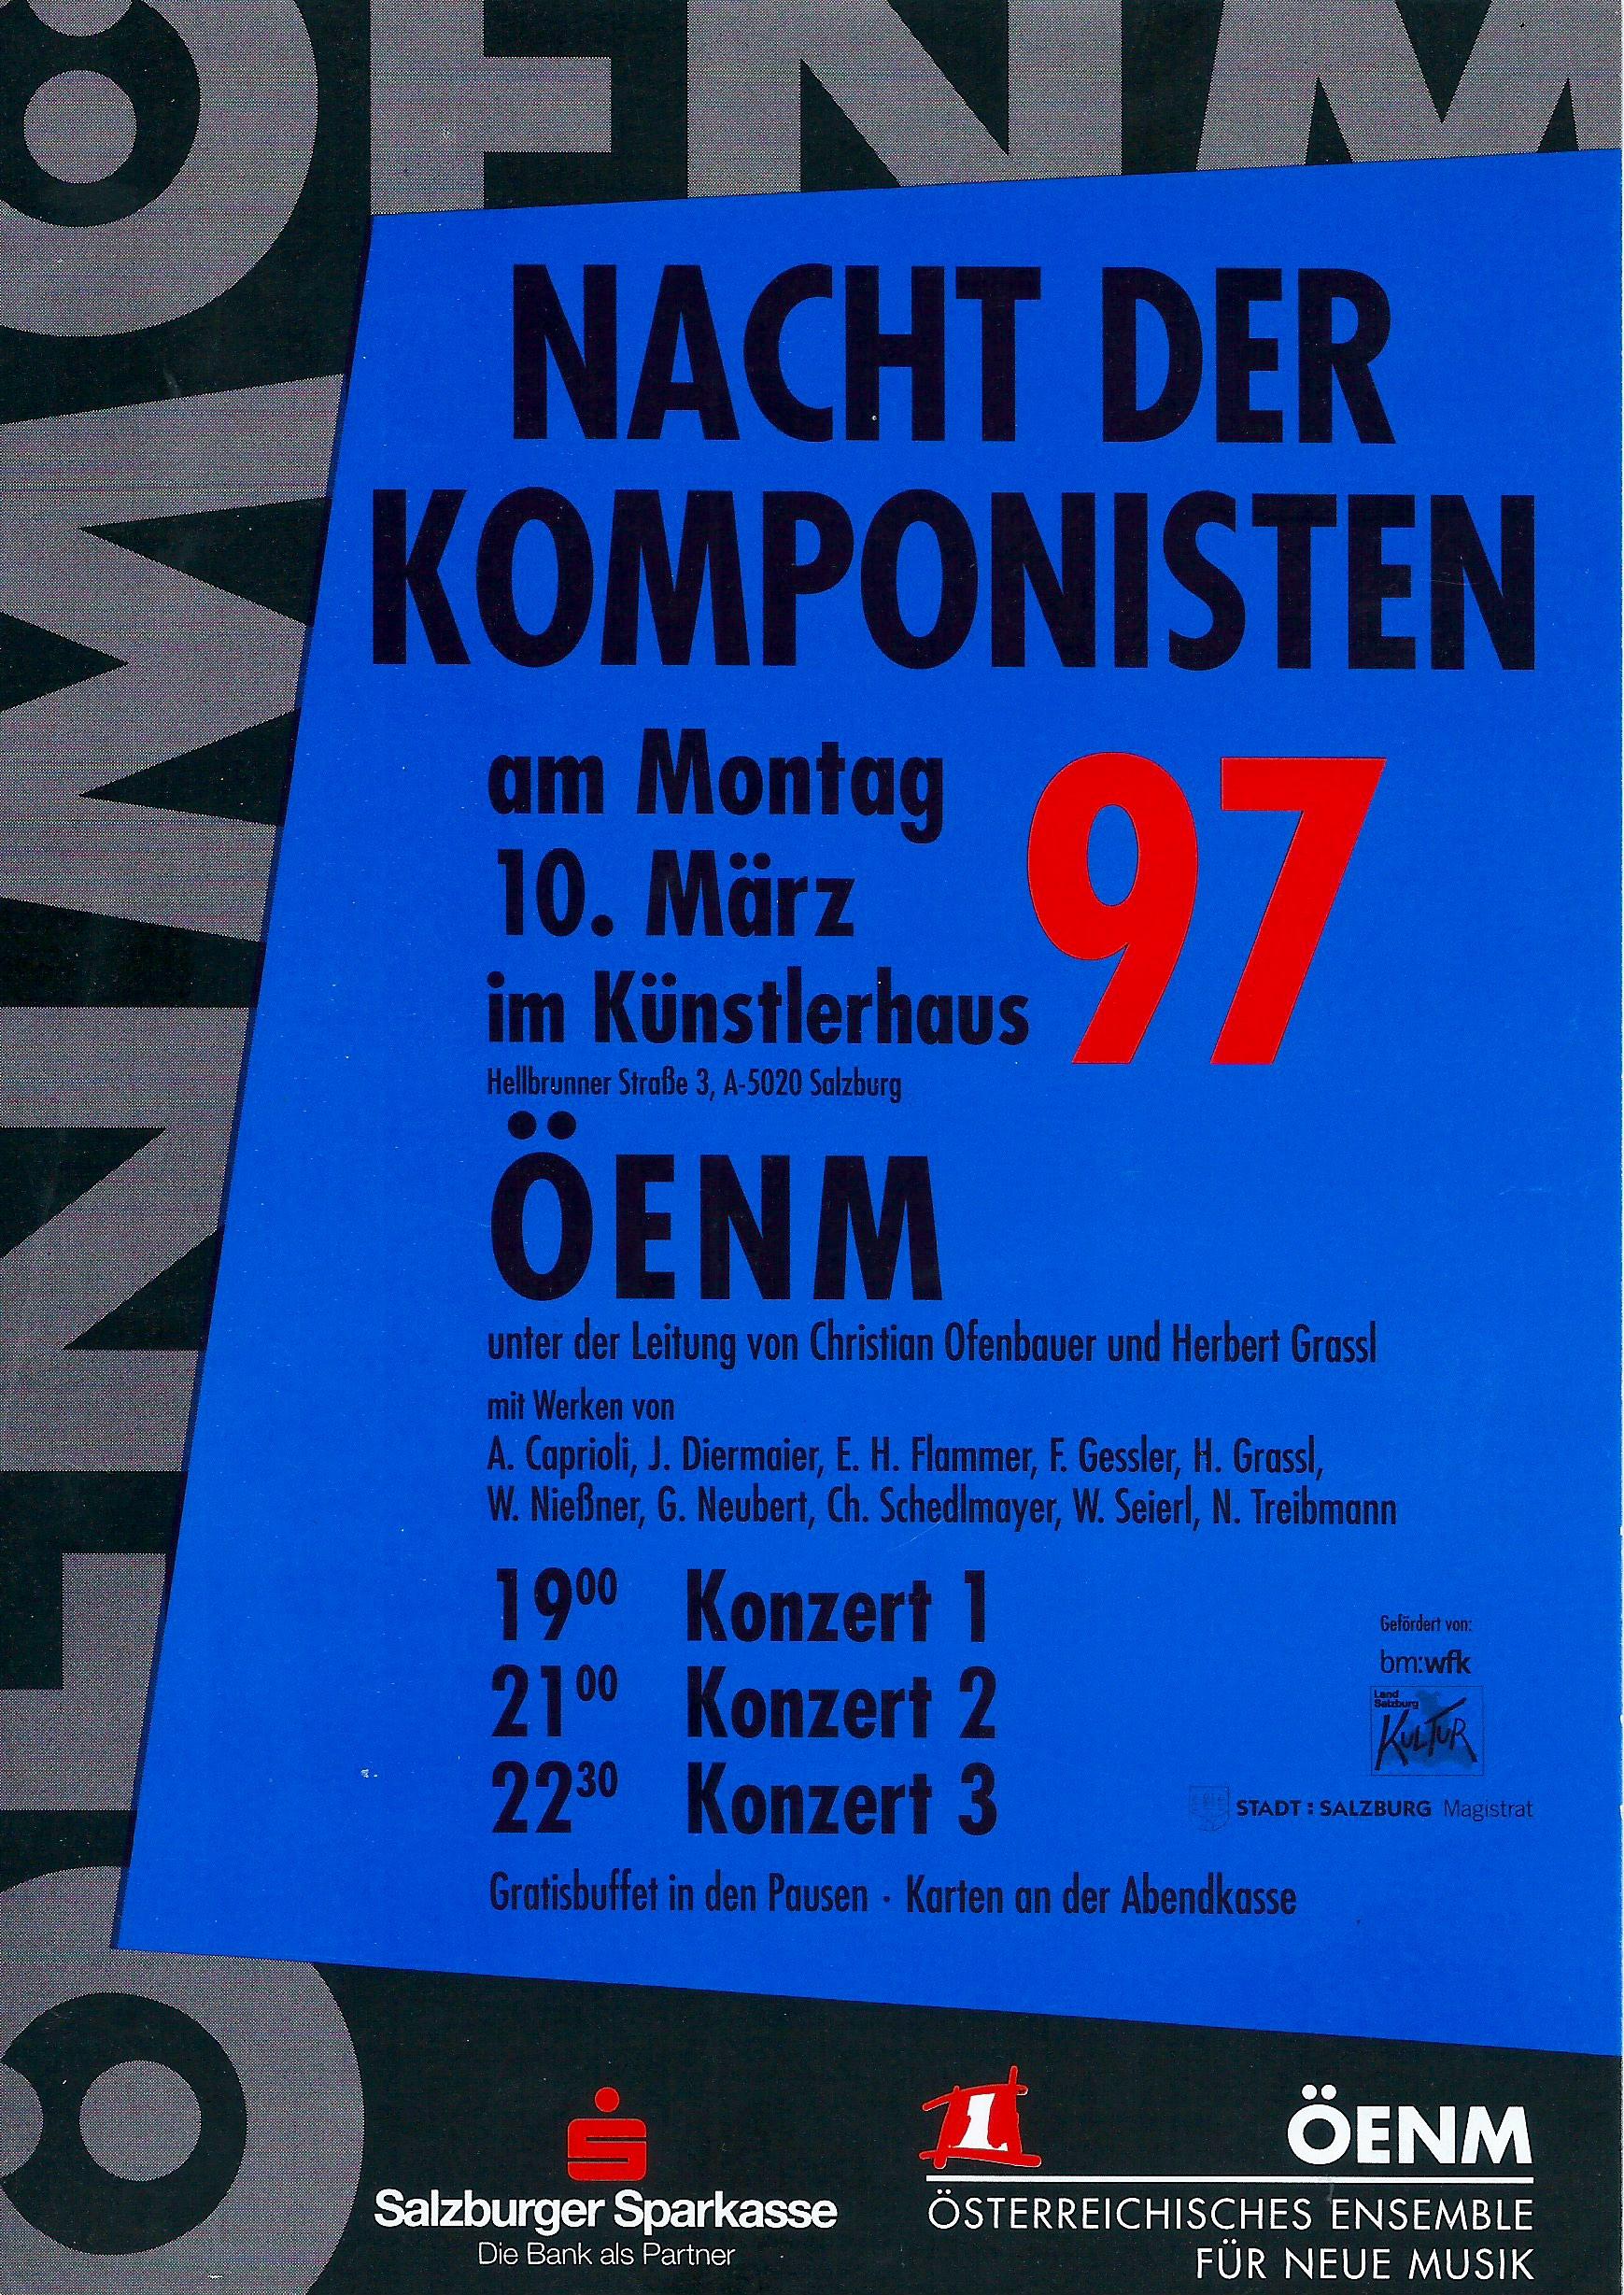 SALZBURG, KÜNSTLERHAUS, 10.3.1997